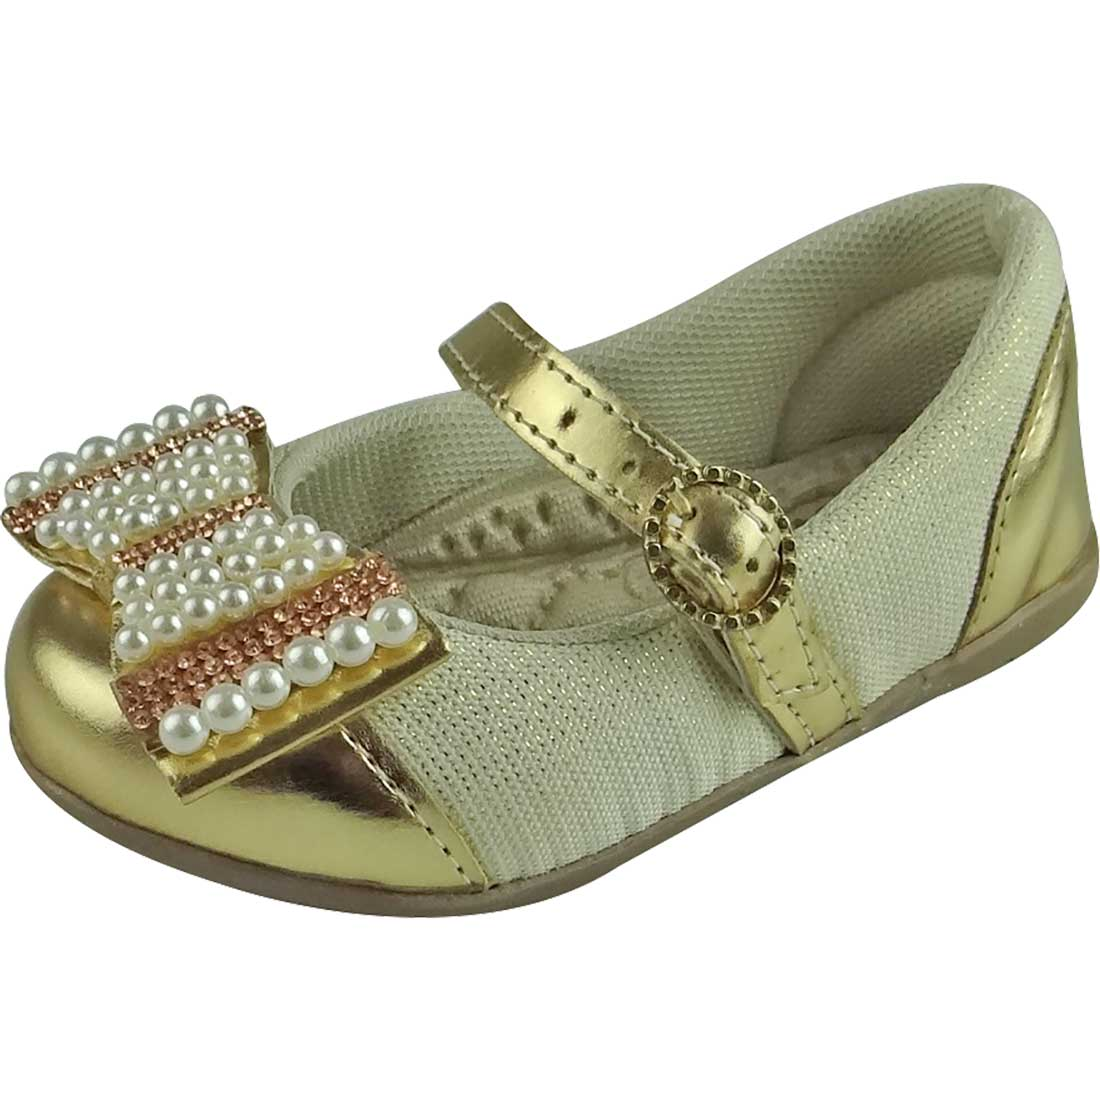 Sapato Boneca Baby com Laço Strass e Pérola - Dourado